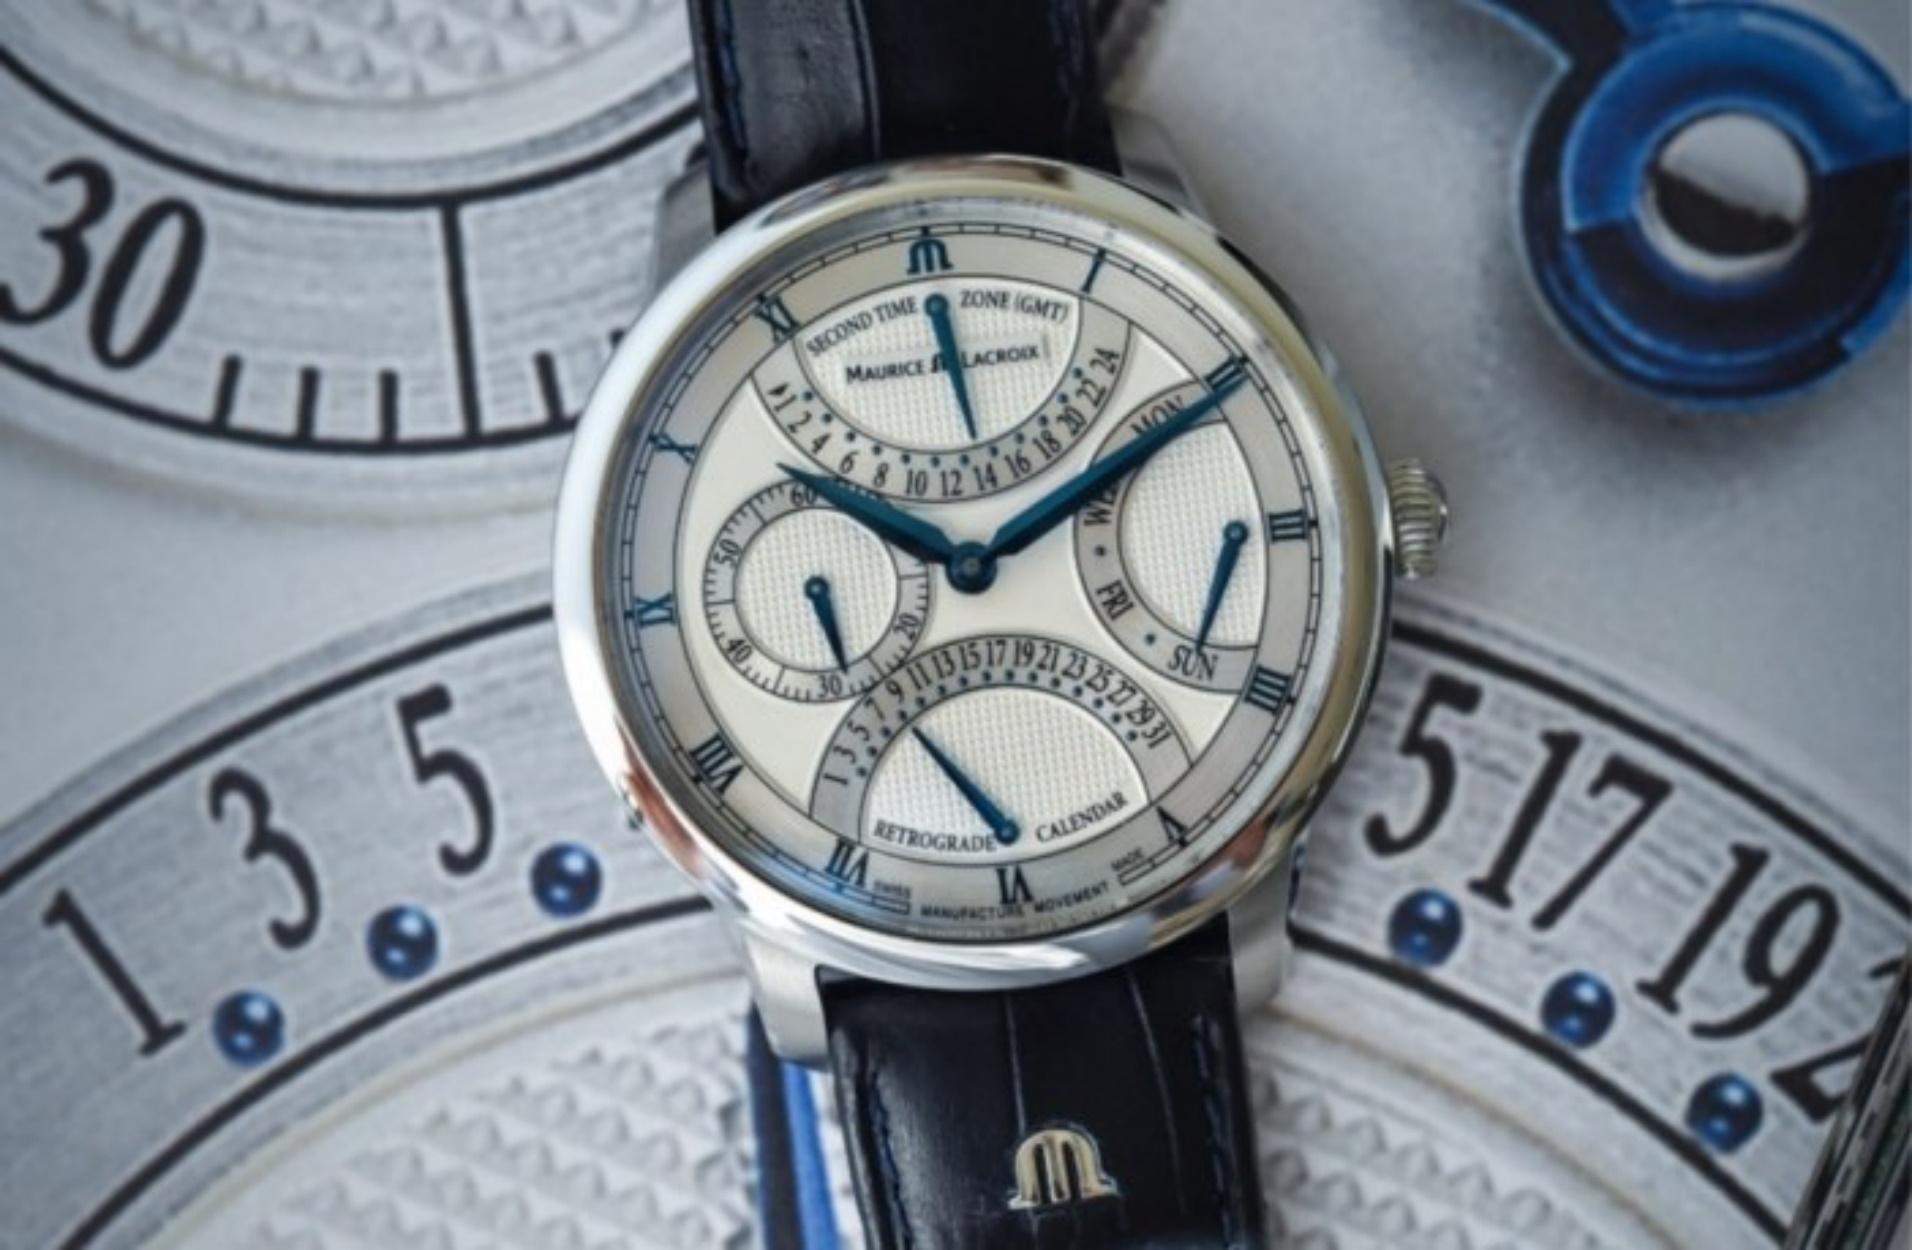 Ένα πανέμορφο ρολόι και σε πολύ προσιτή τιμή που αξίζει να επενδύσετε το 2021